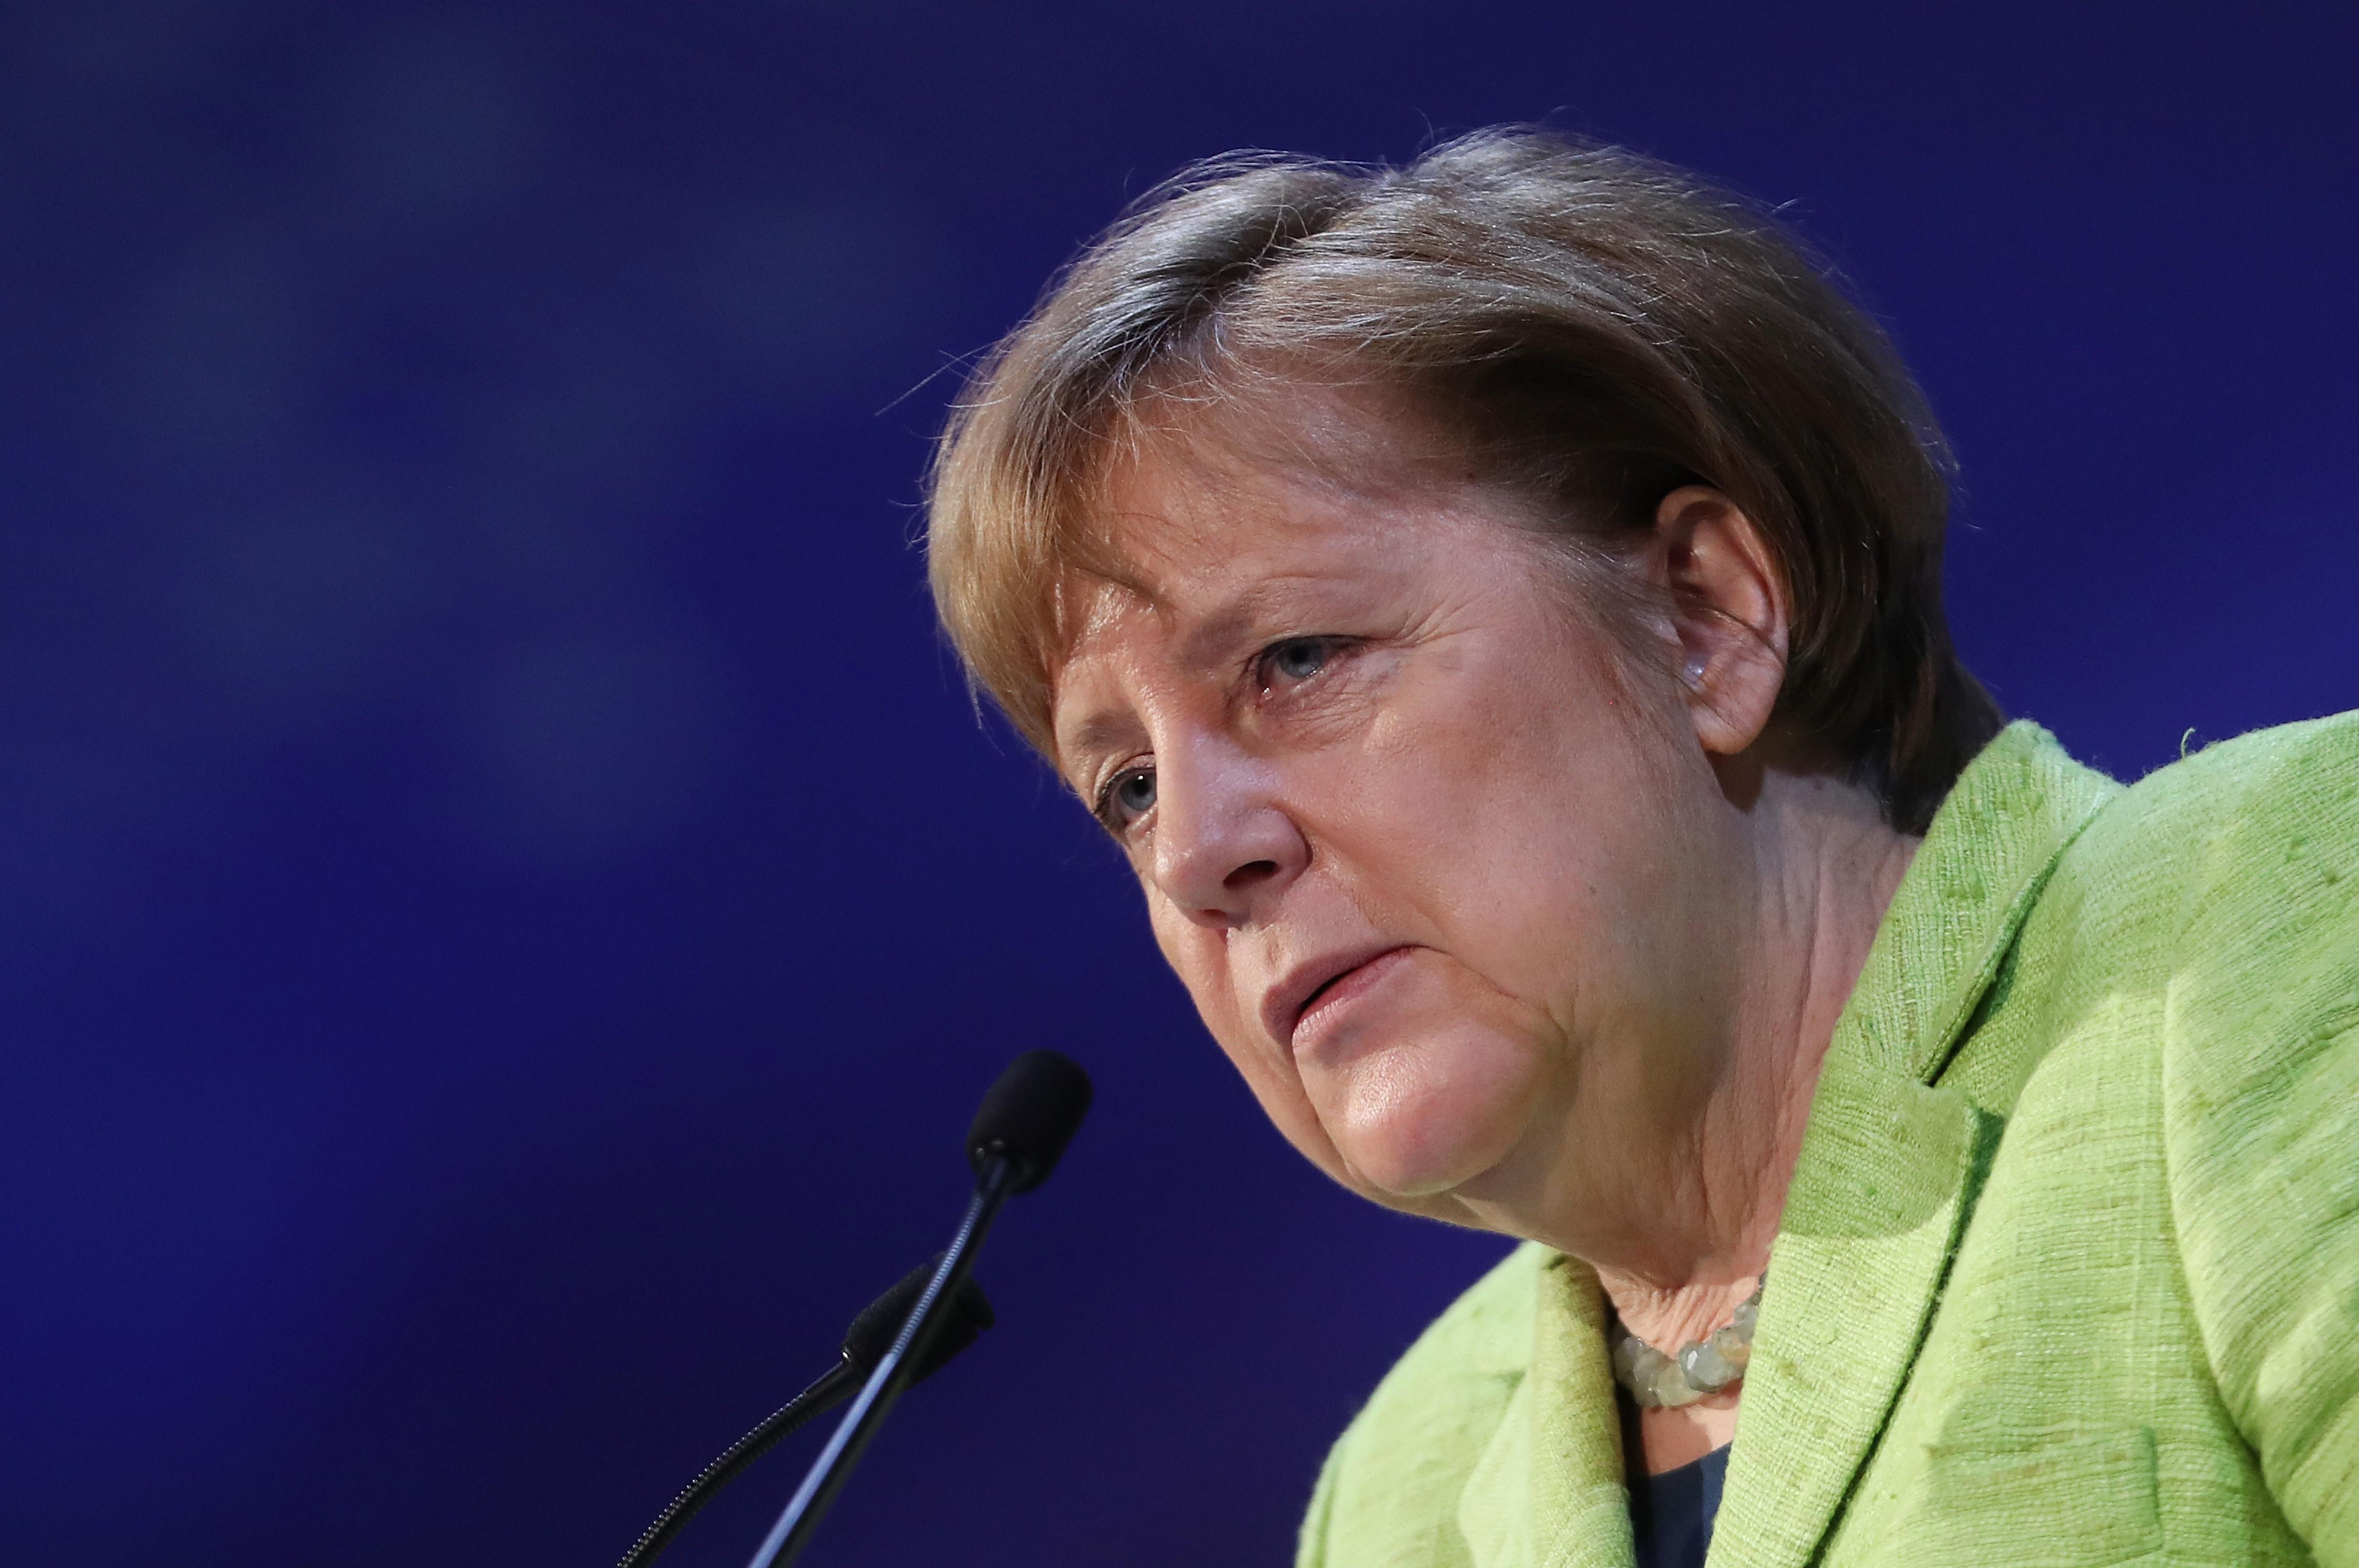 """Merkel verteidigt Flüchtlingspolitik und Türkei-Deal: """"Wir haben alle weggeschaut"""" +VIDEO"""